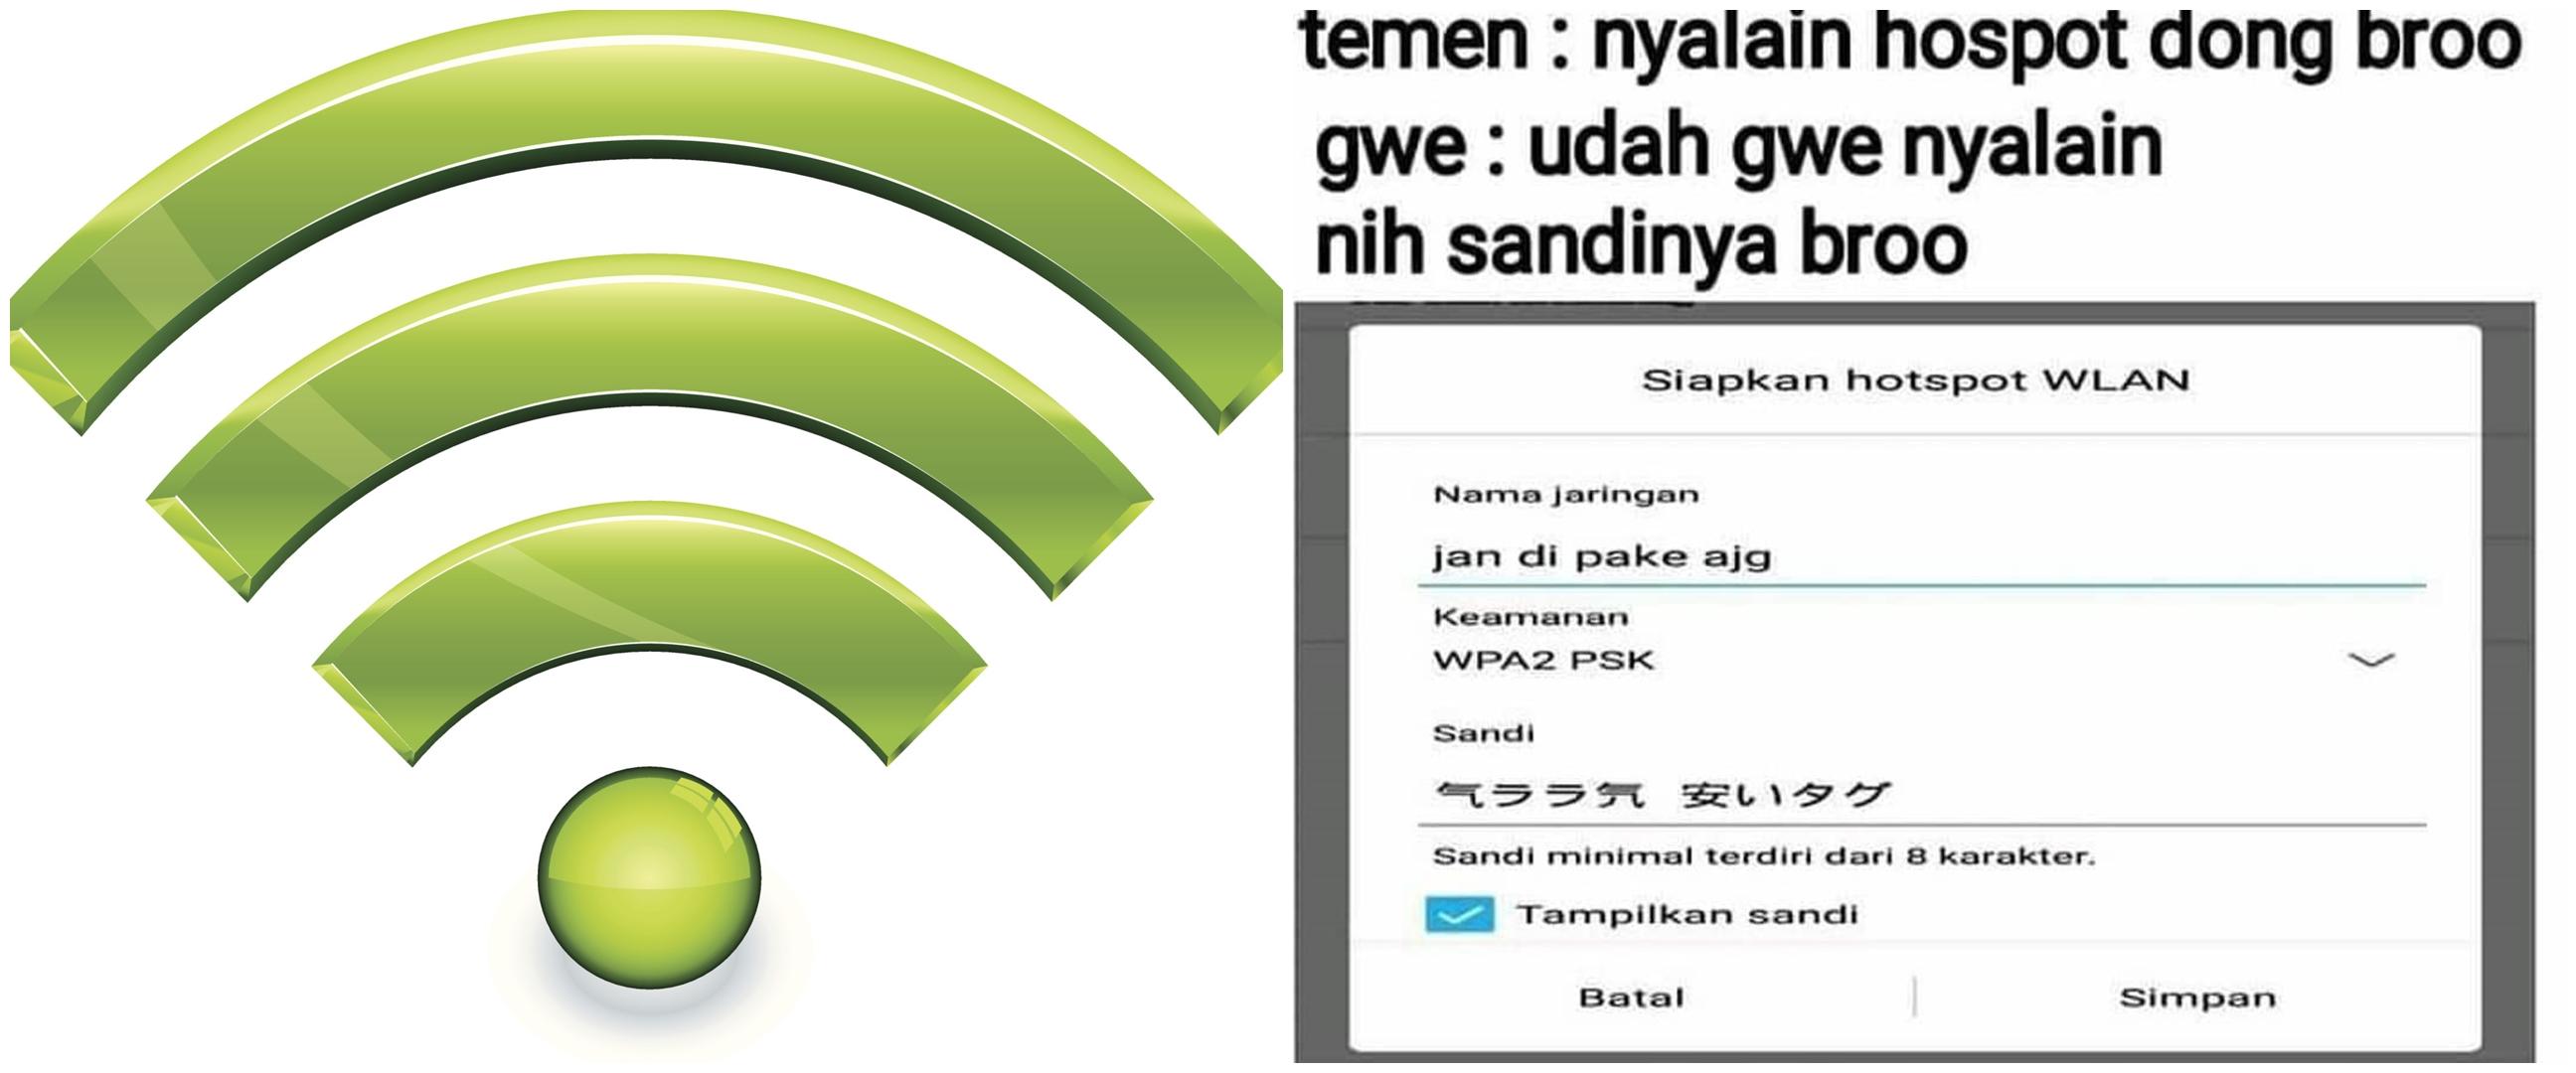 10 Password WiFi nyeleneh ini bikin emosi